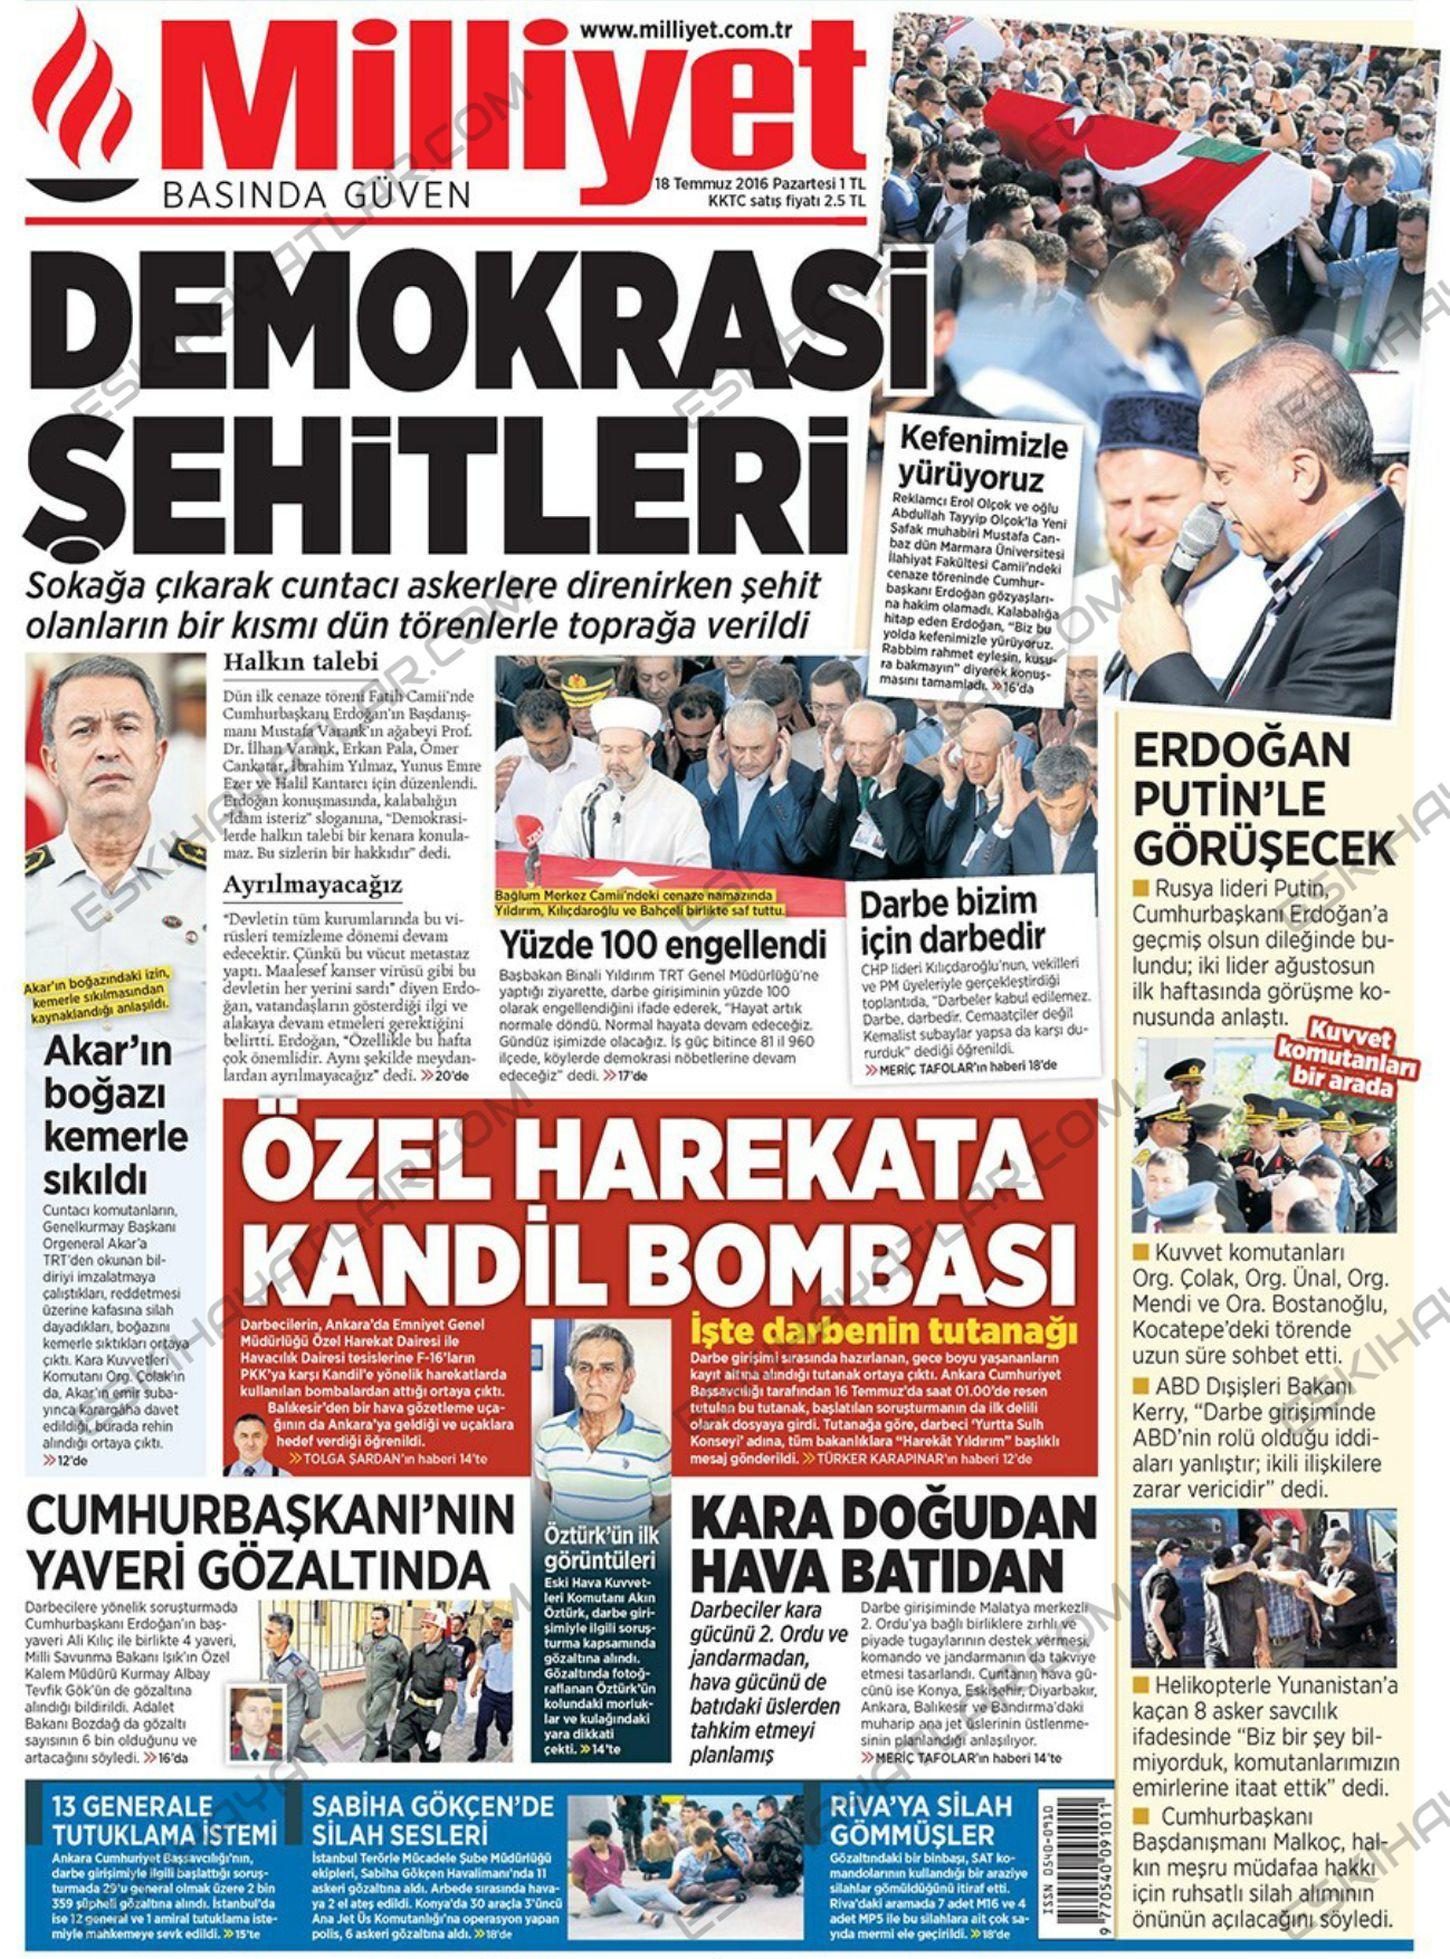 15-temmuz-2016-darbe-tesebbusu-gazete-arsivleri (milliyet)